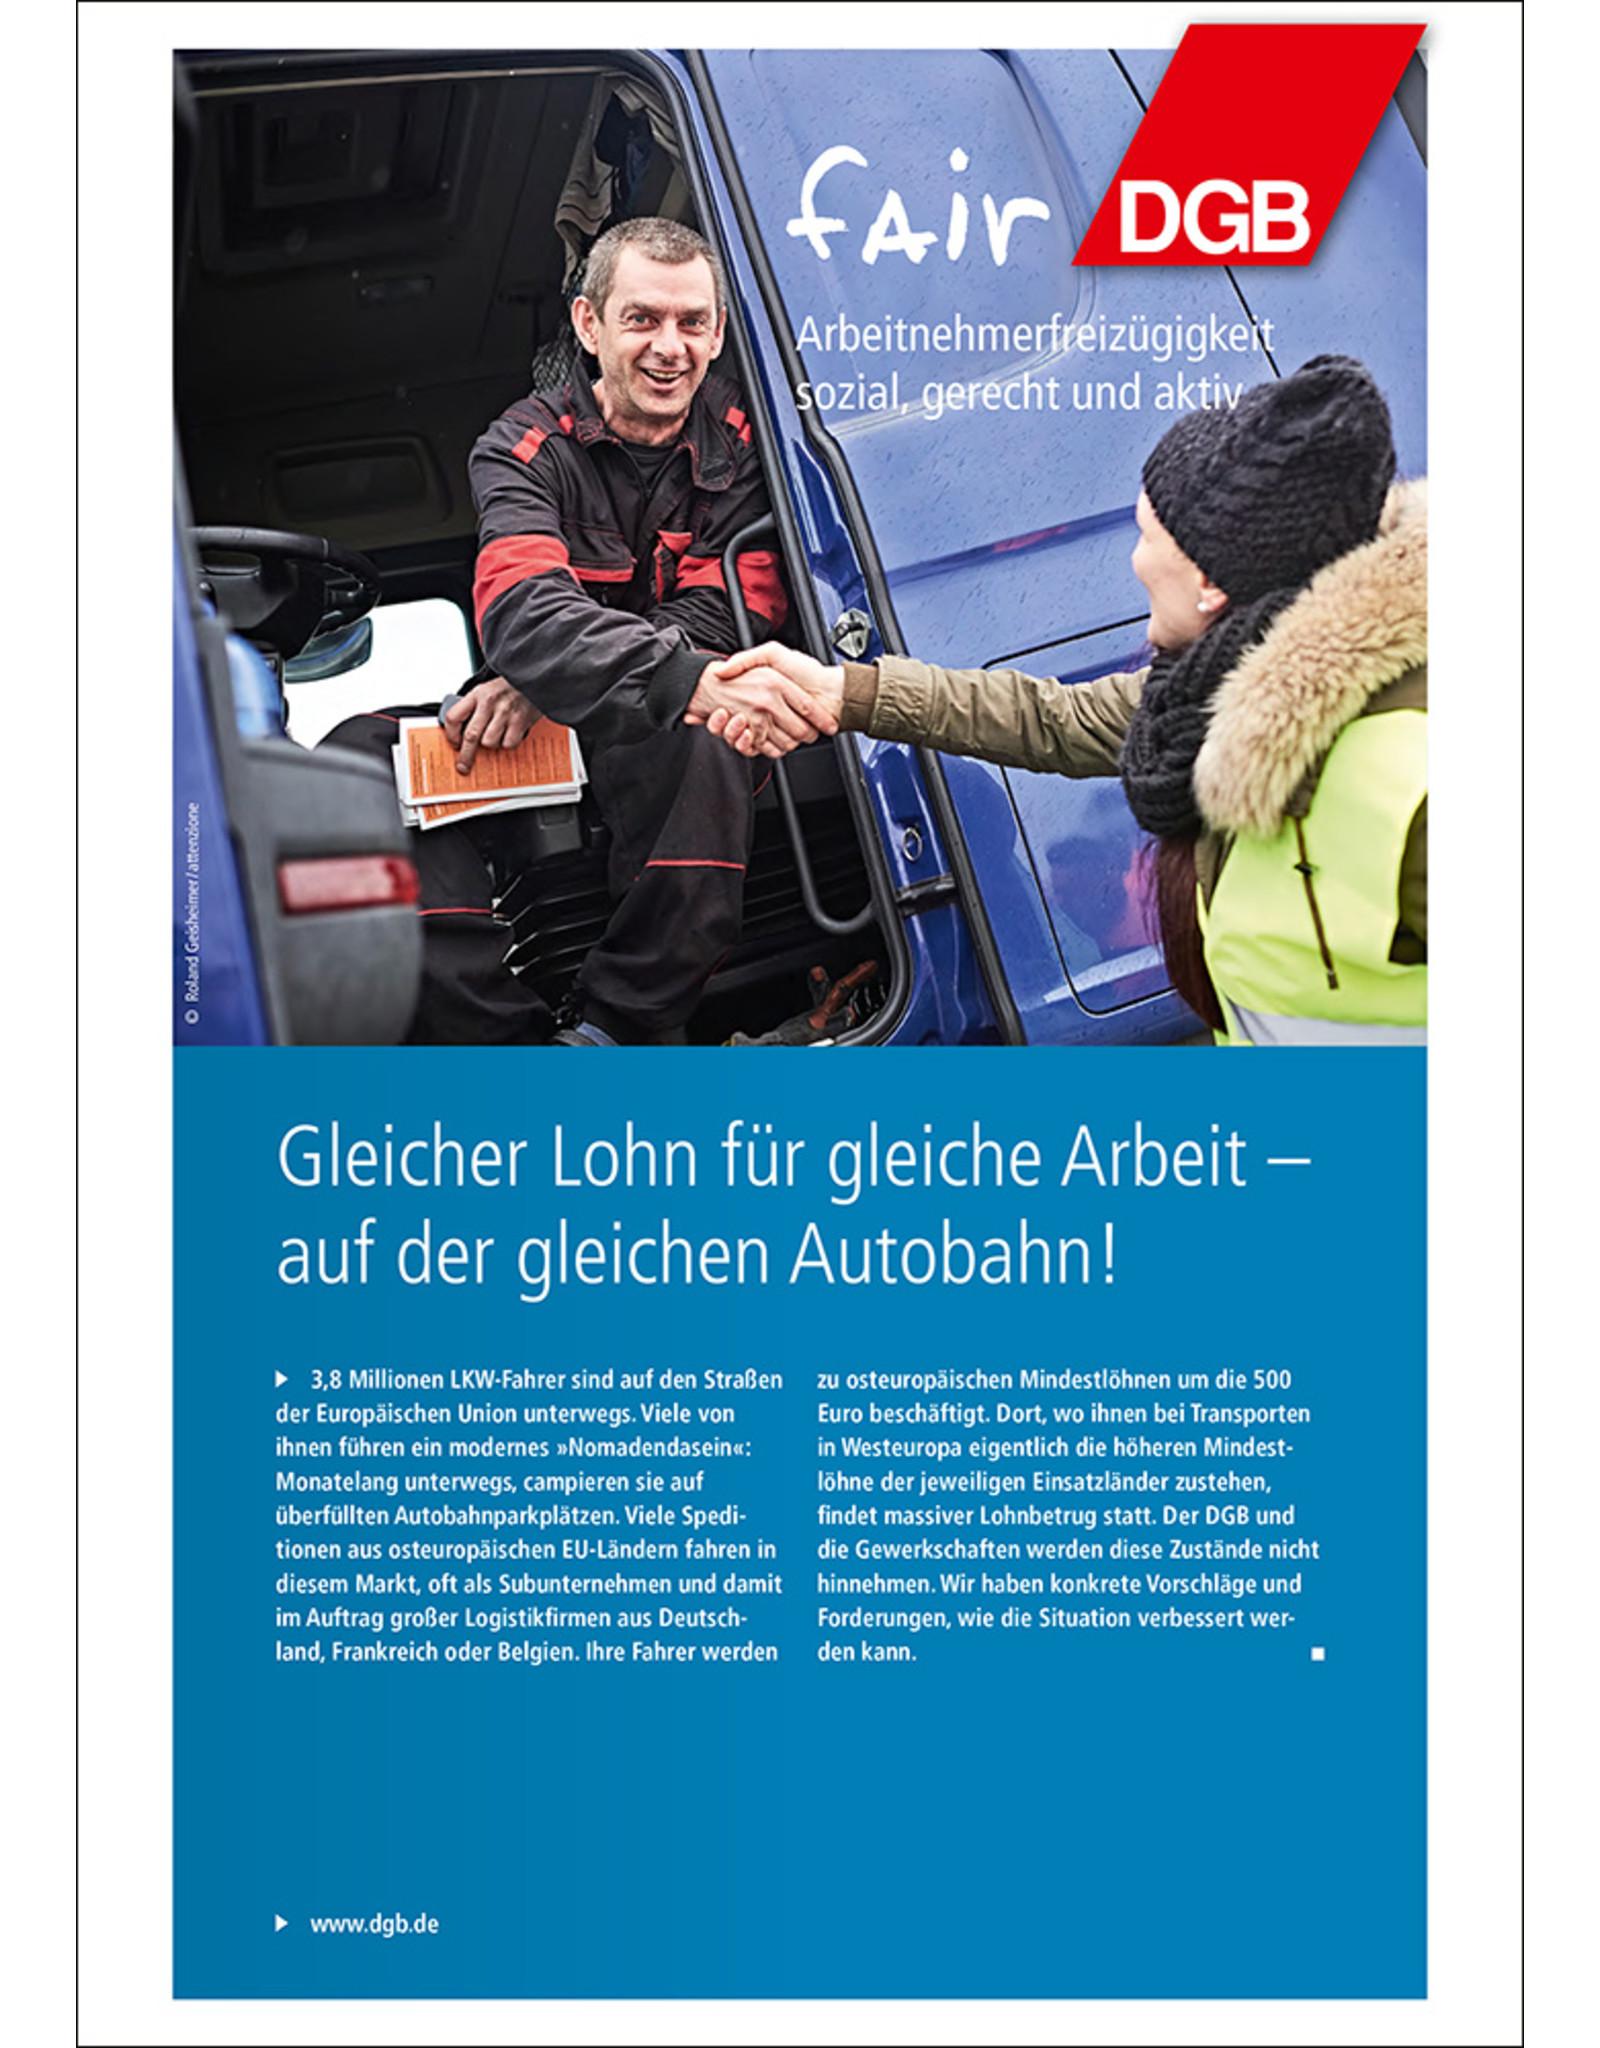 DGB-Broschüre Gleicher Lohn für gleiche Arbeit - auf der gleichen Autobahn!